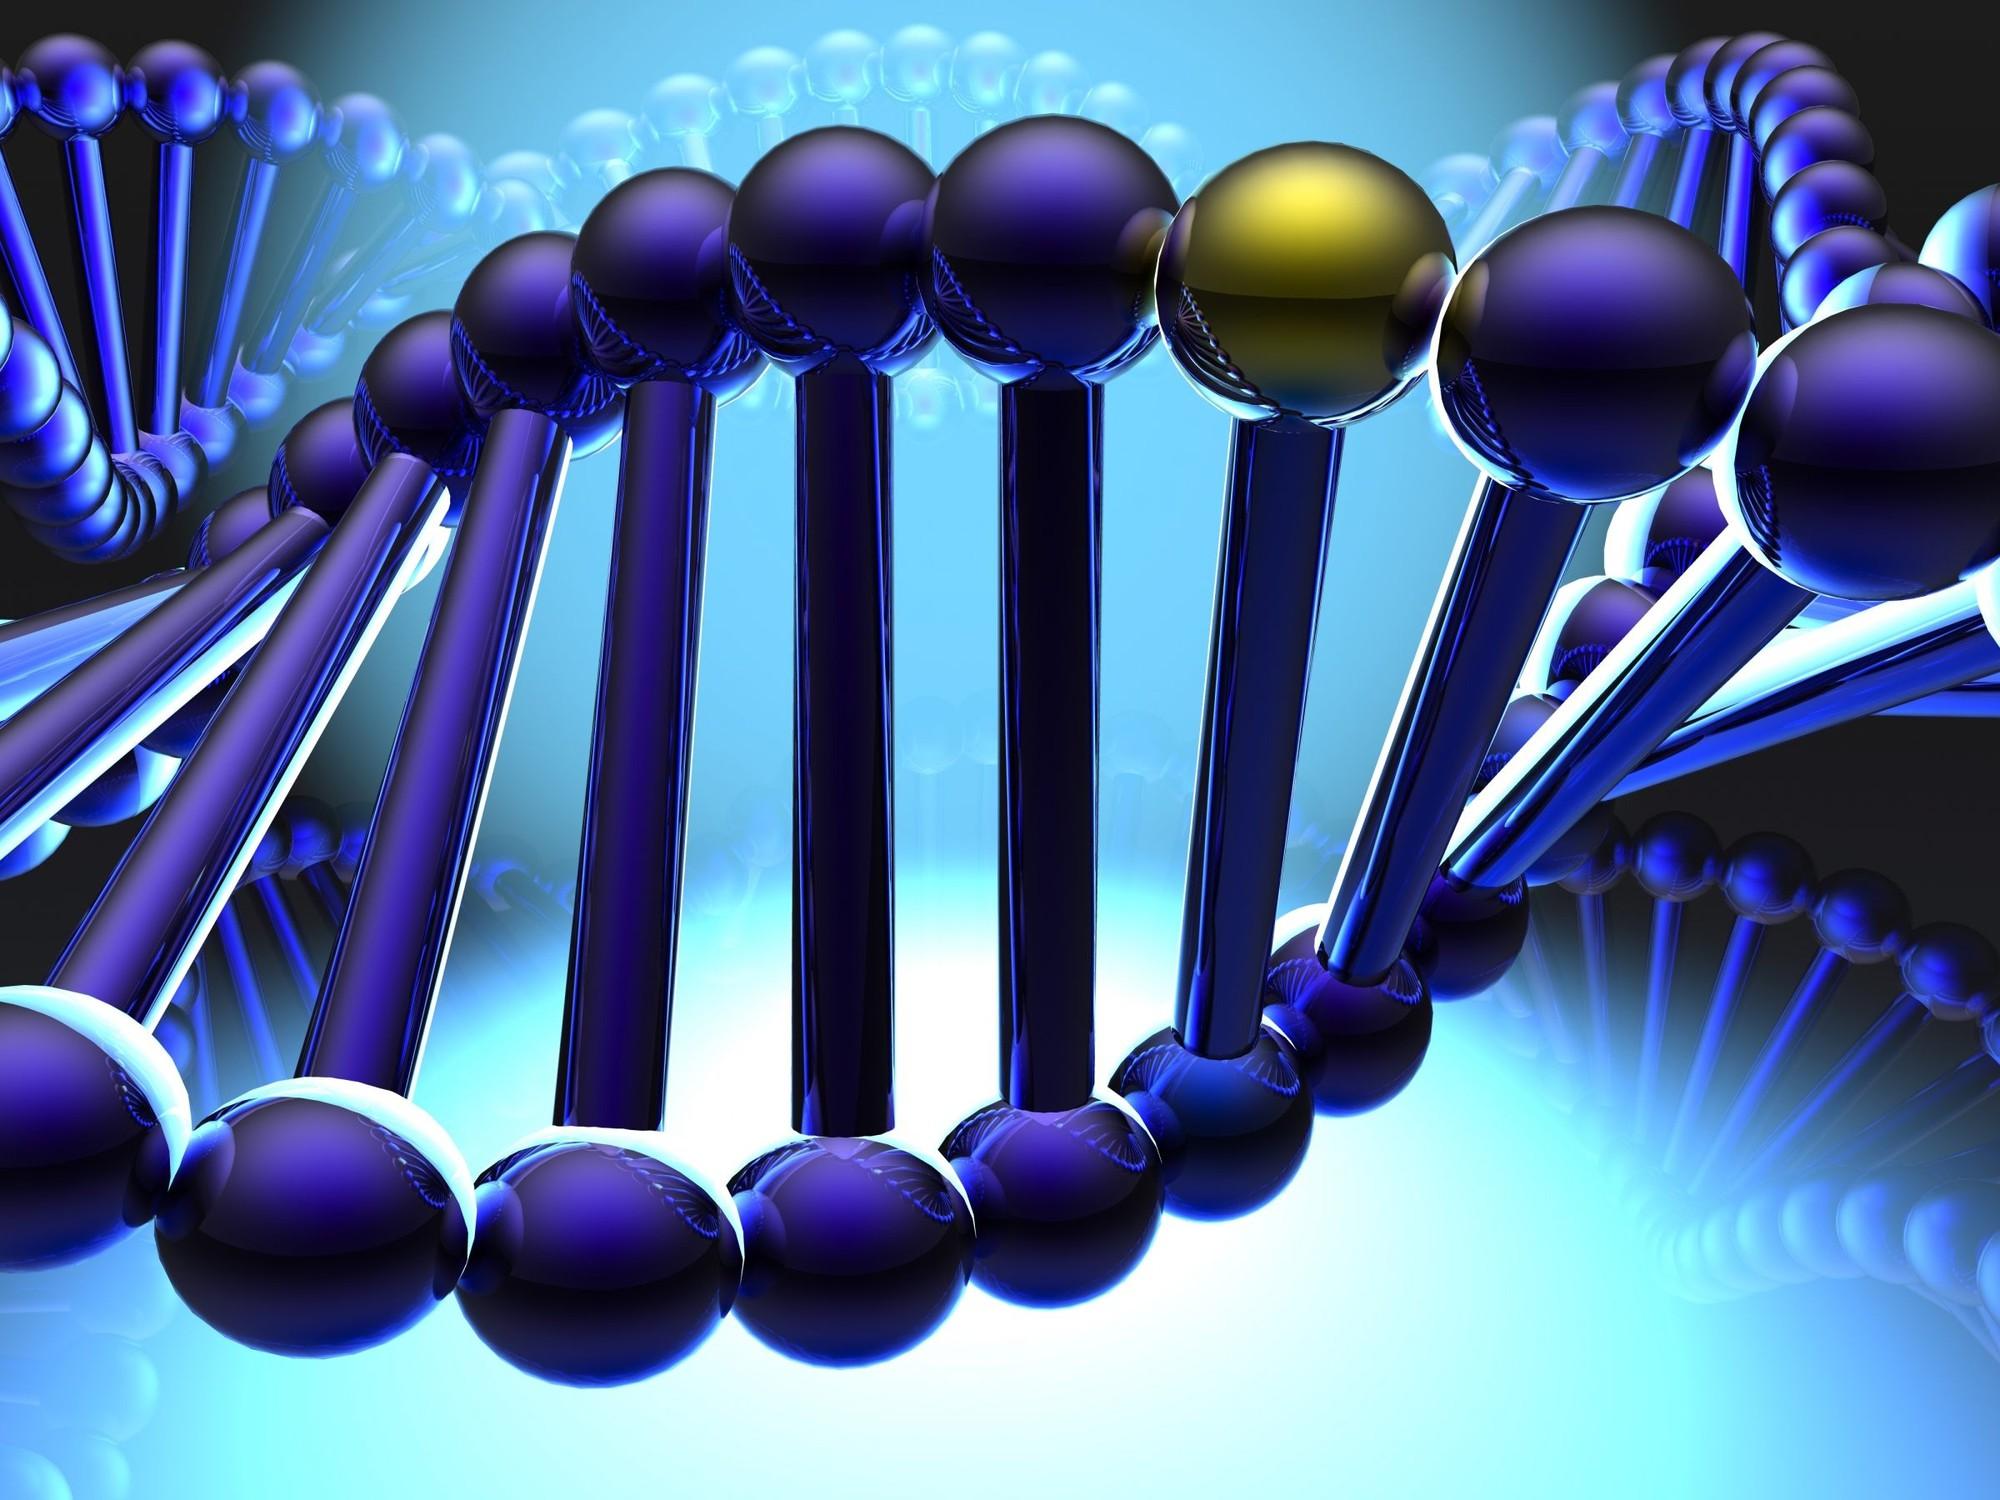 Những nguyên nhân hàng đầu gây ung thư dạ dày mà nhiều người bỏ qua, đặc biệt là số 2 - Ảnh 5.